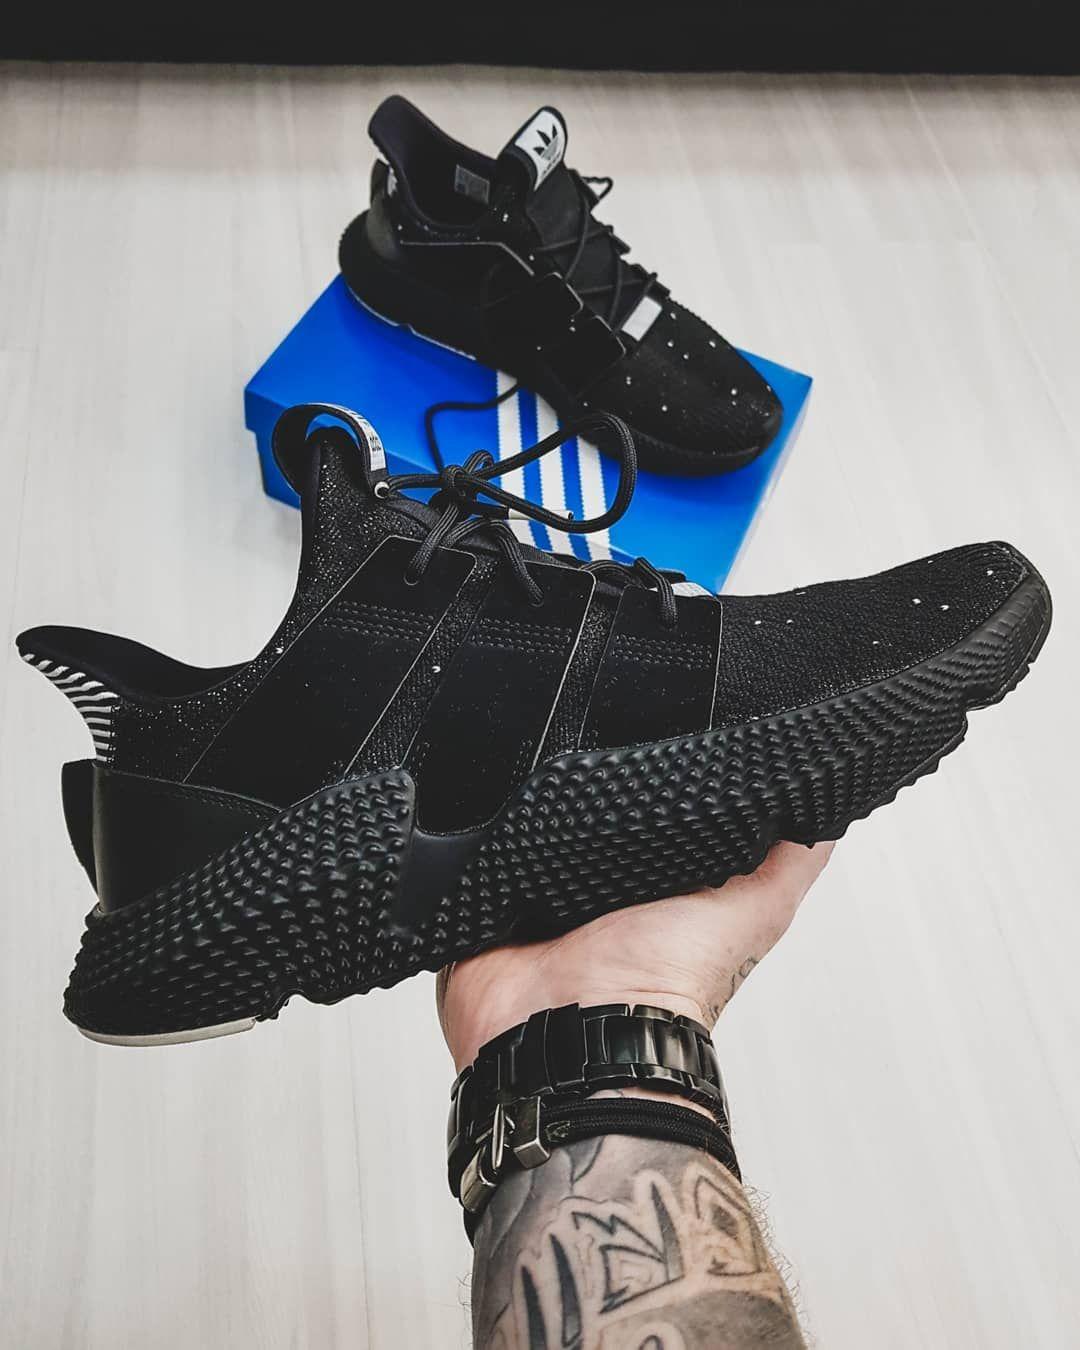 925f7fca0b87 Adidas Prophere